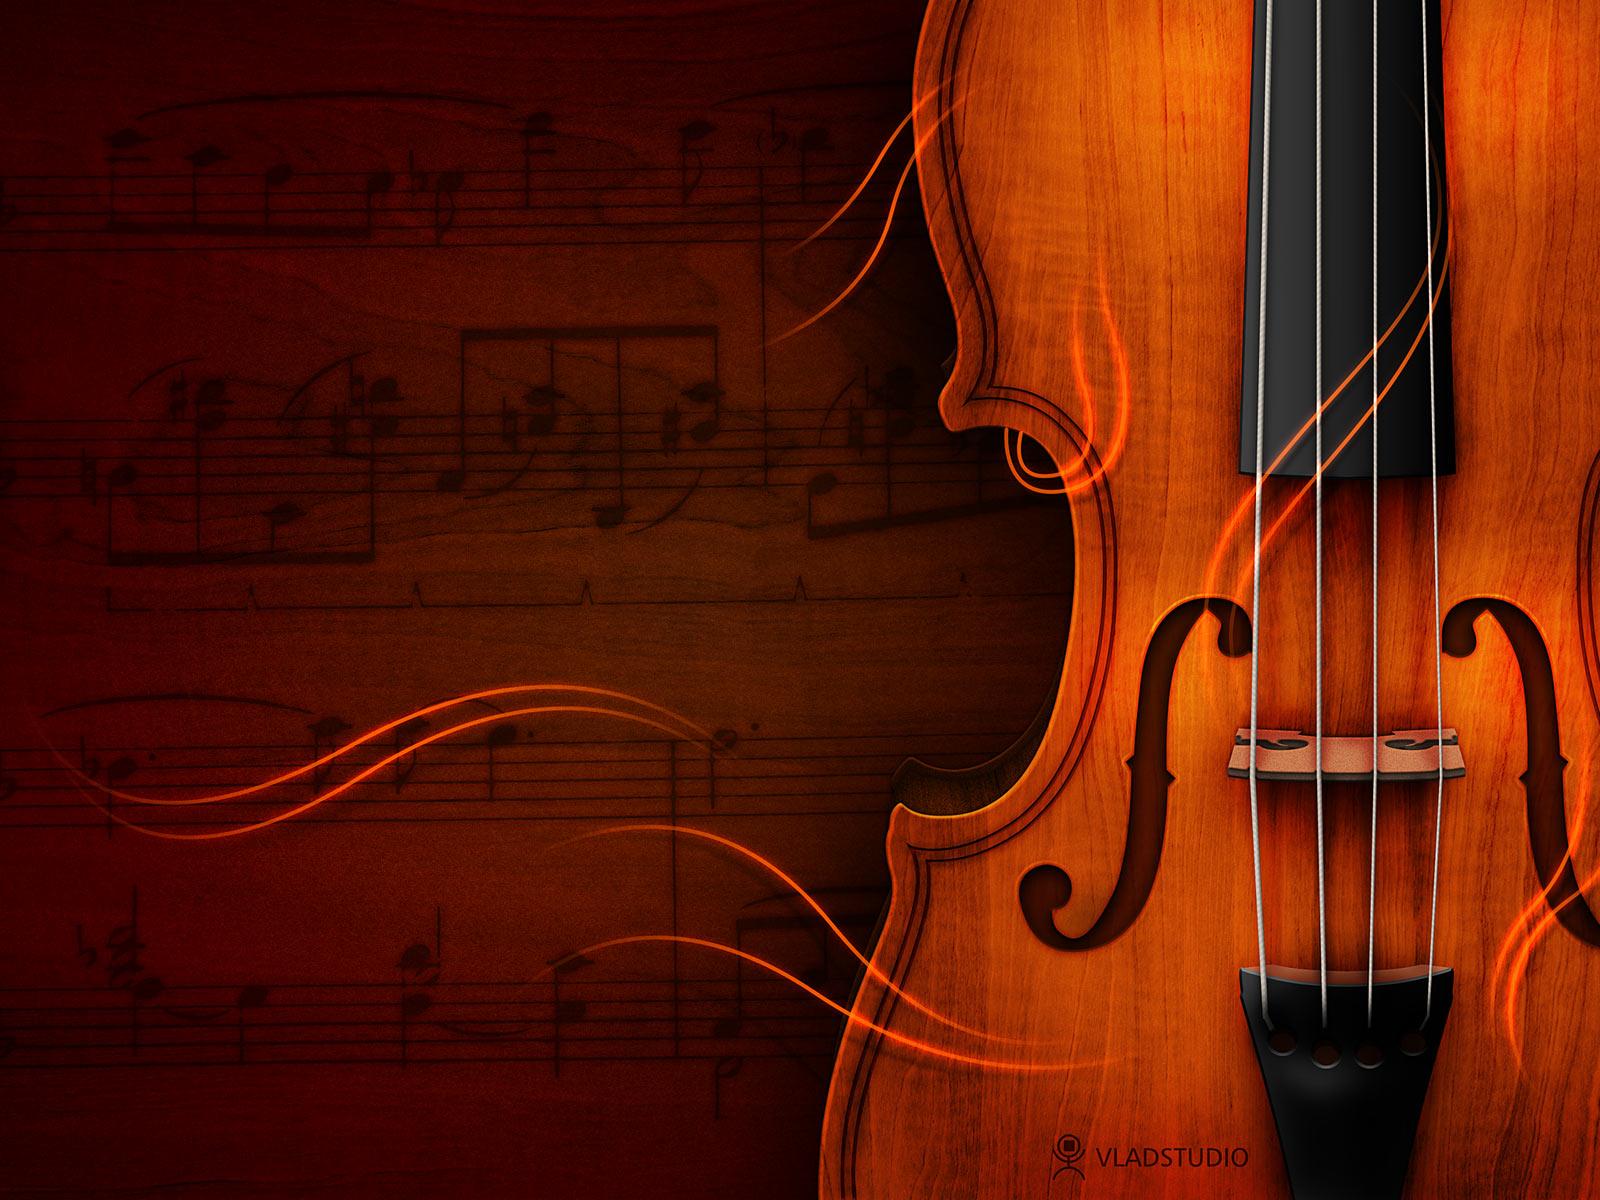 http://2.bp.blogspot.com/-pWpxDlIla6E/T6IaibCd1vI/AAAAAAAAKoo/NSRS5kwdHGQ/s1600/violin2.jpg